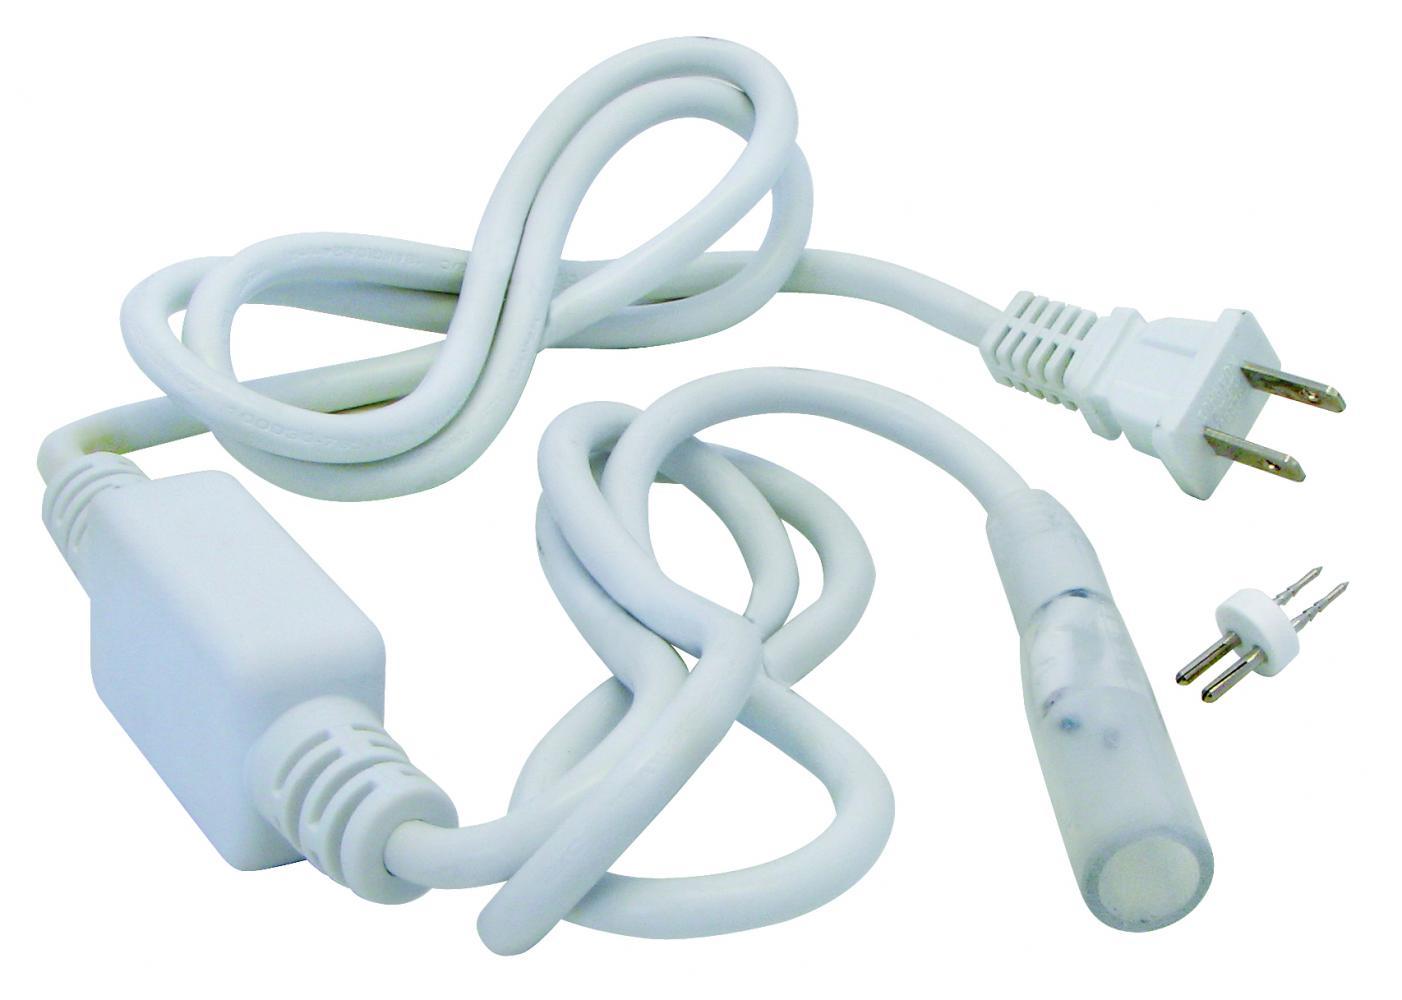 Outdoor Rope Light Accessories Elco Lighting